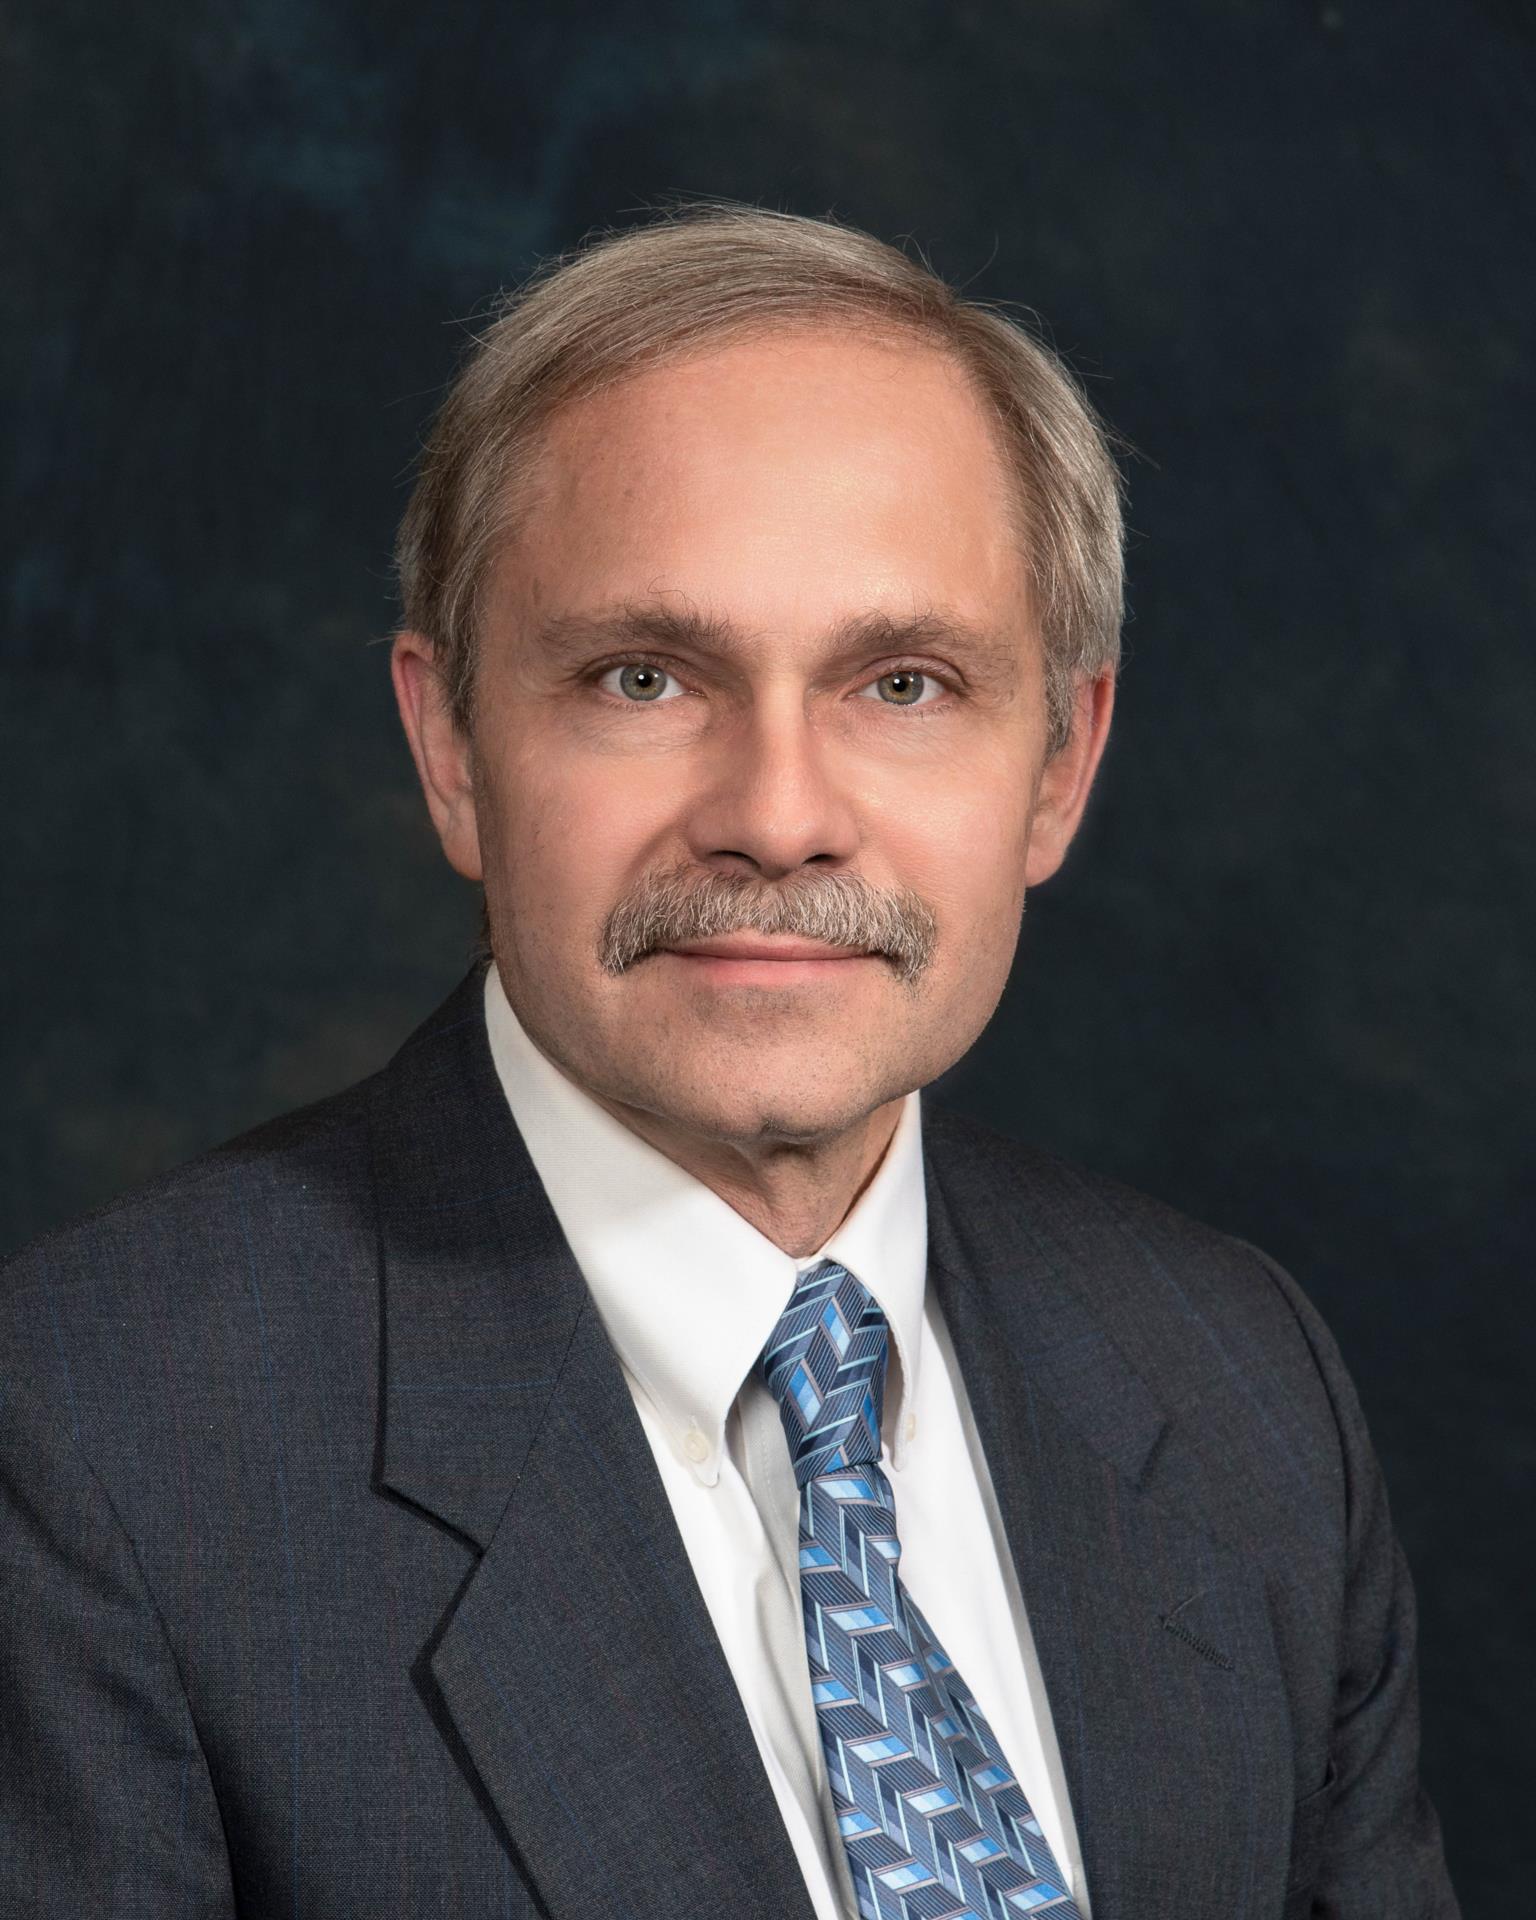 Michael May